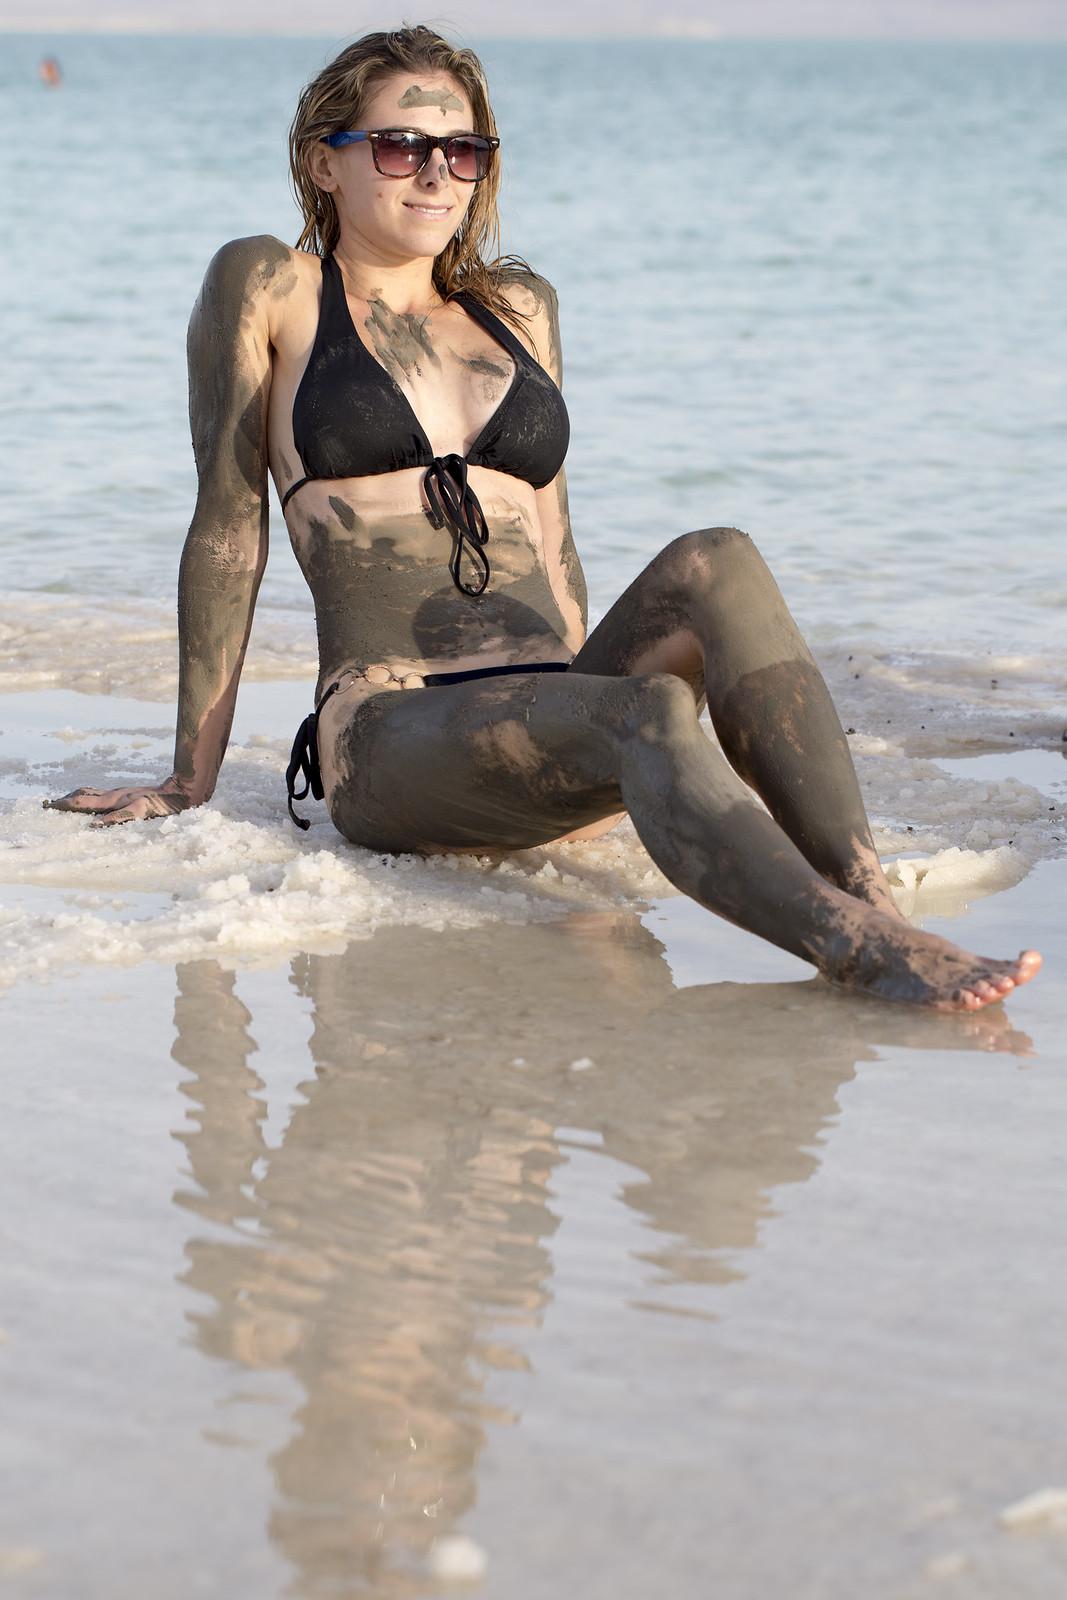 Dead Sea mud _DS12IG2811_Itamar Grinberg_IMOT